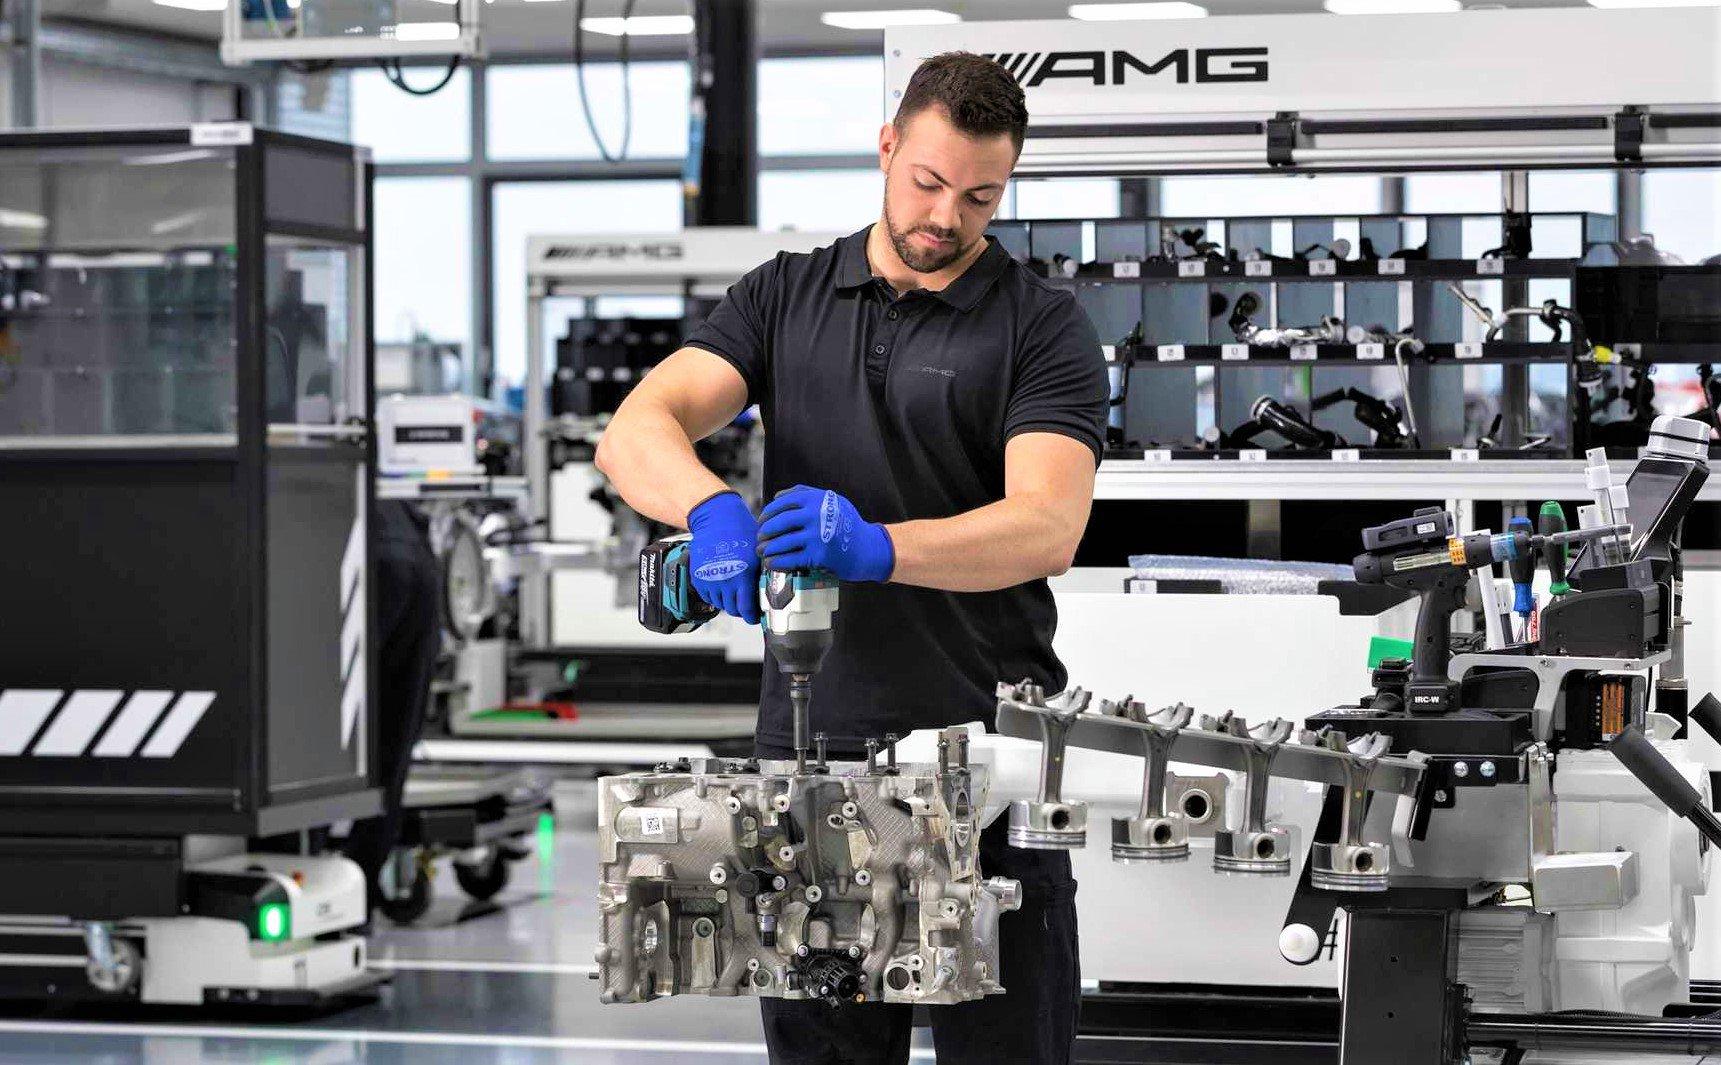 Carros elétricos eliminarão até 42% dos empregos do setor